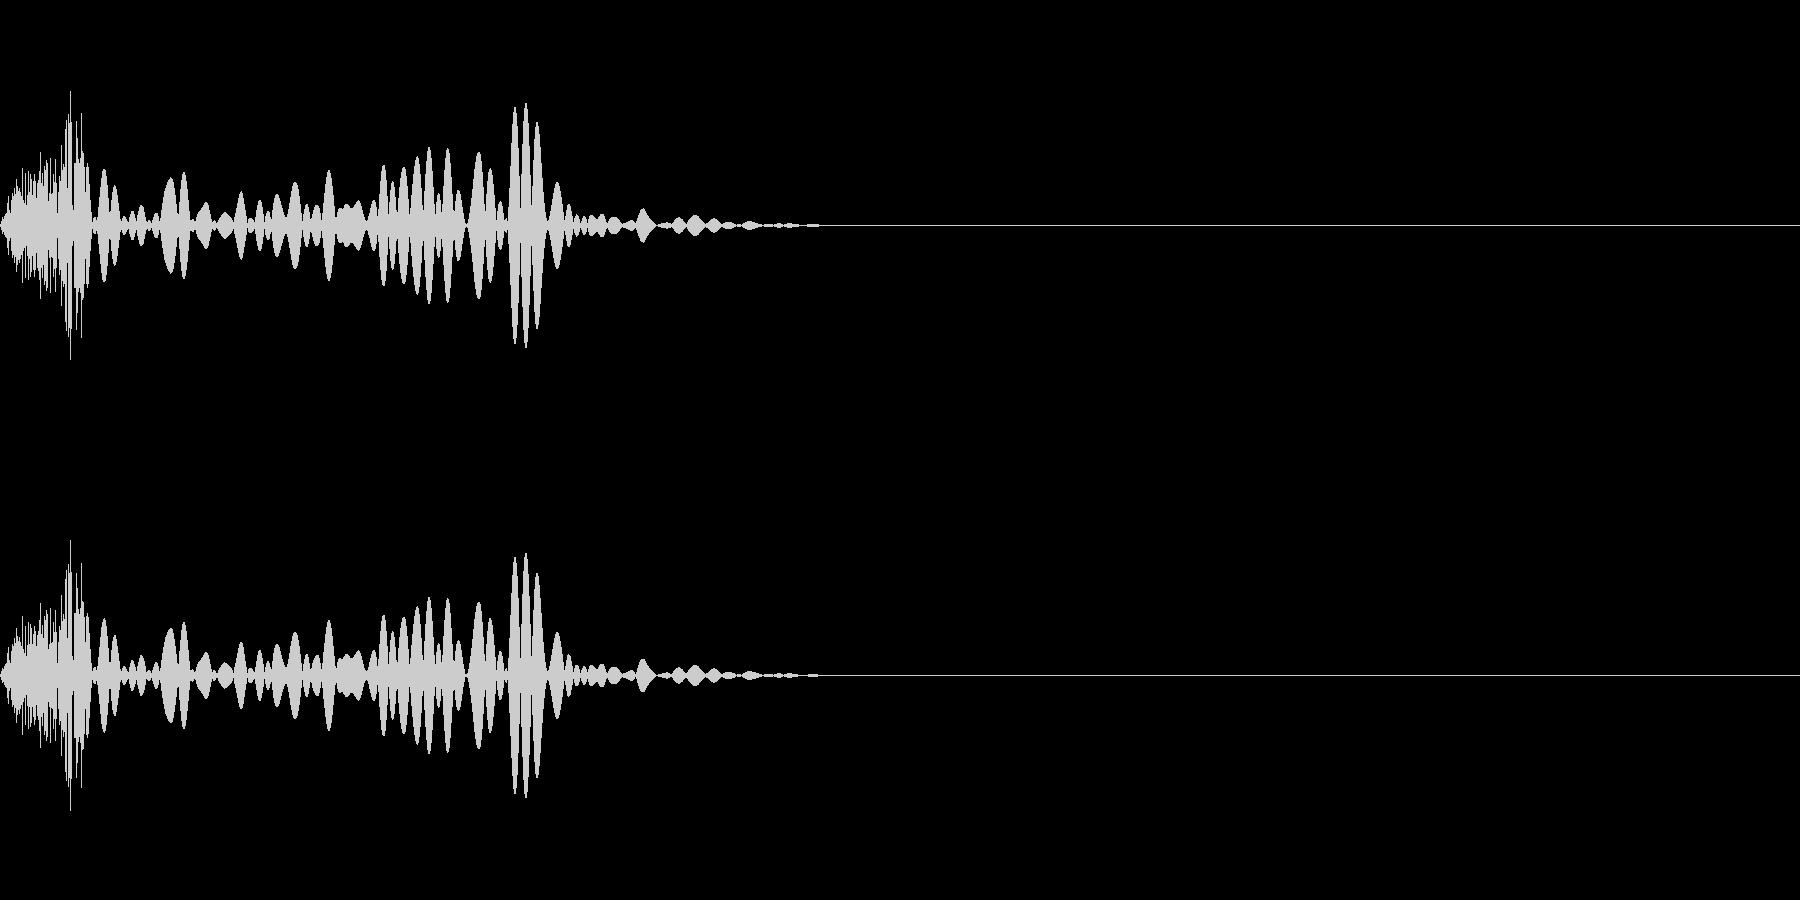 選択タップ音クリック音 チッの未再生の波形